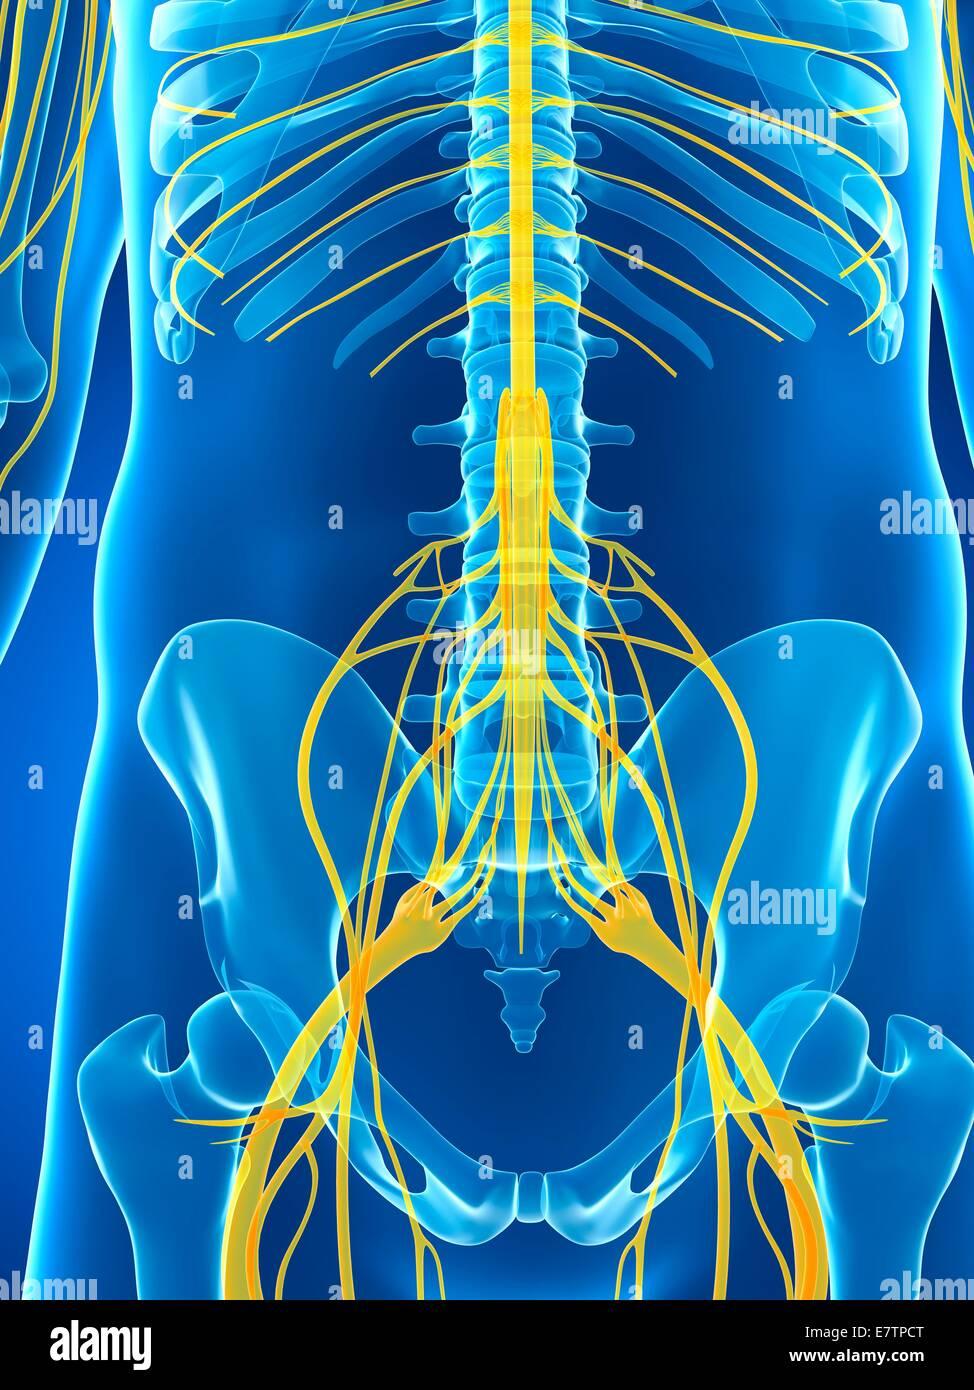 Berühmt Anatomie Des Männlichen Fortpflanzungssystems Bilder Ideen ...